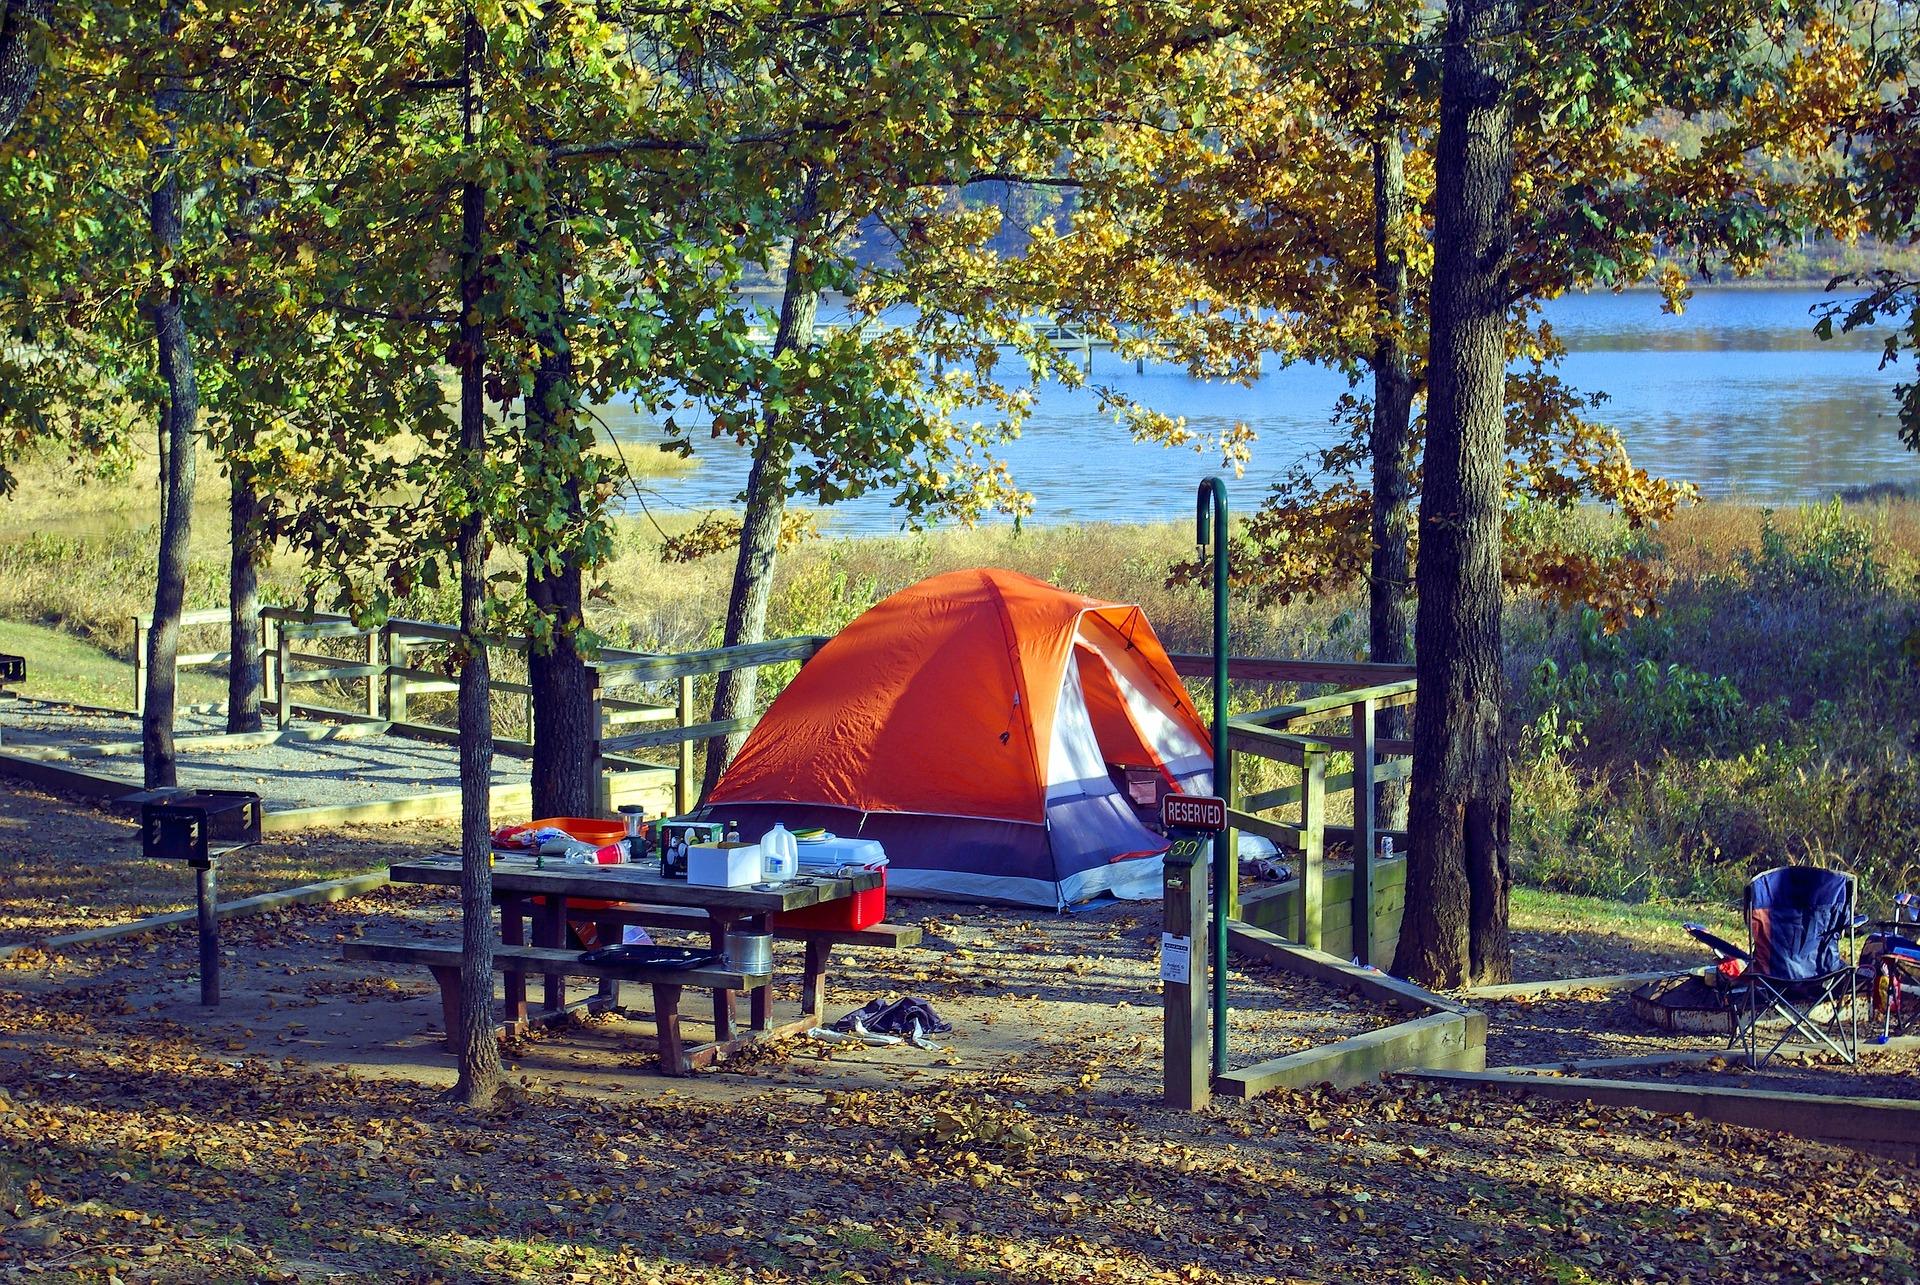 mejores-tiendas-campaña-camping-costa